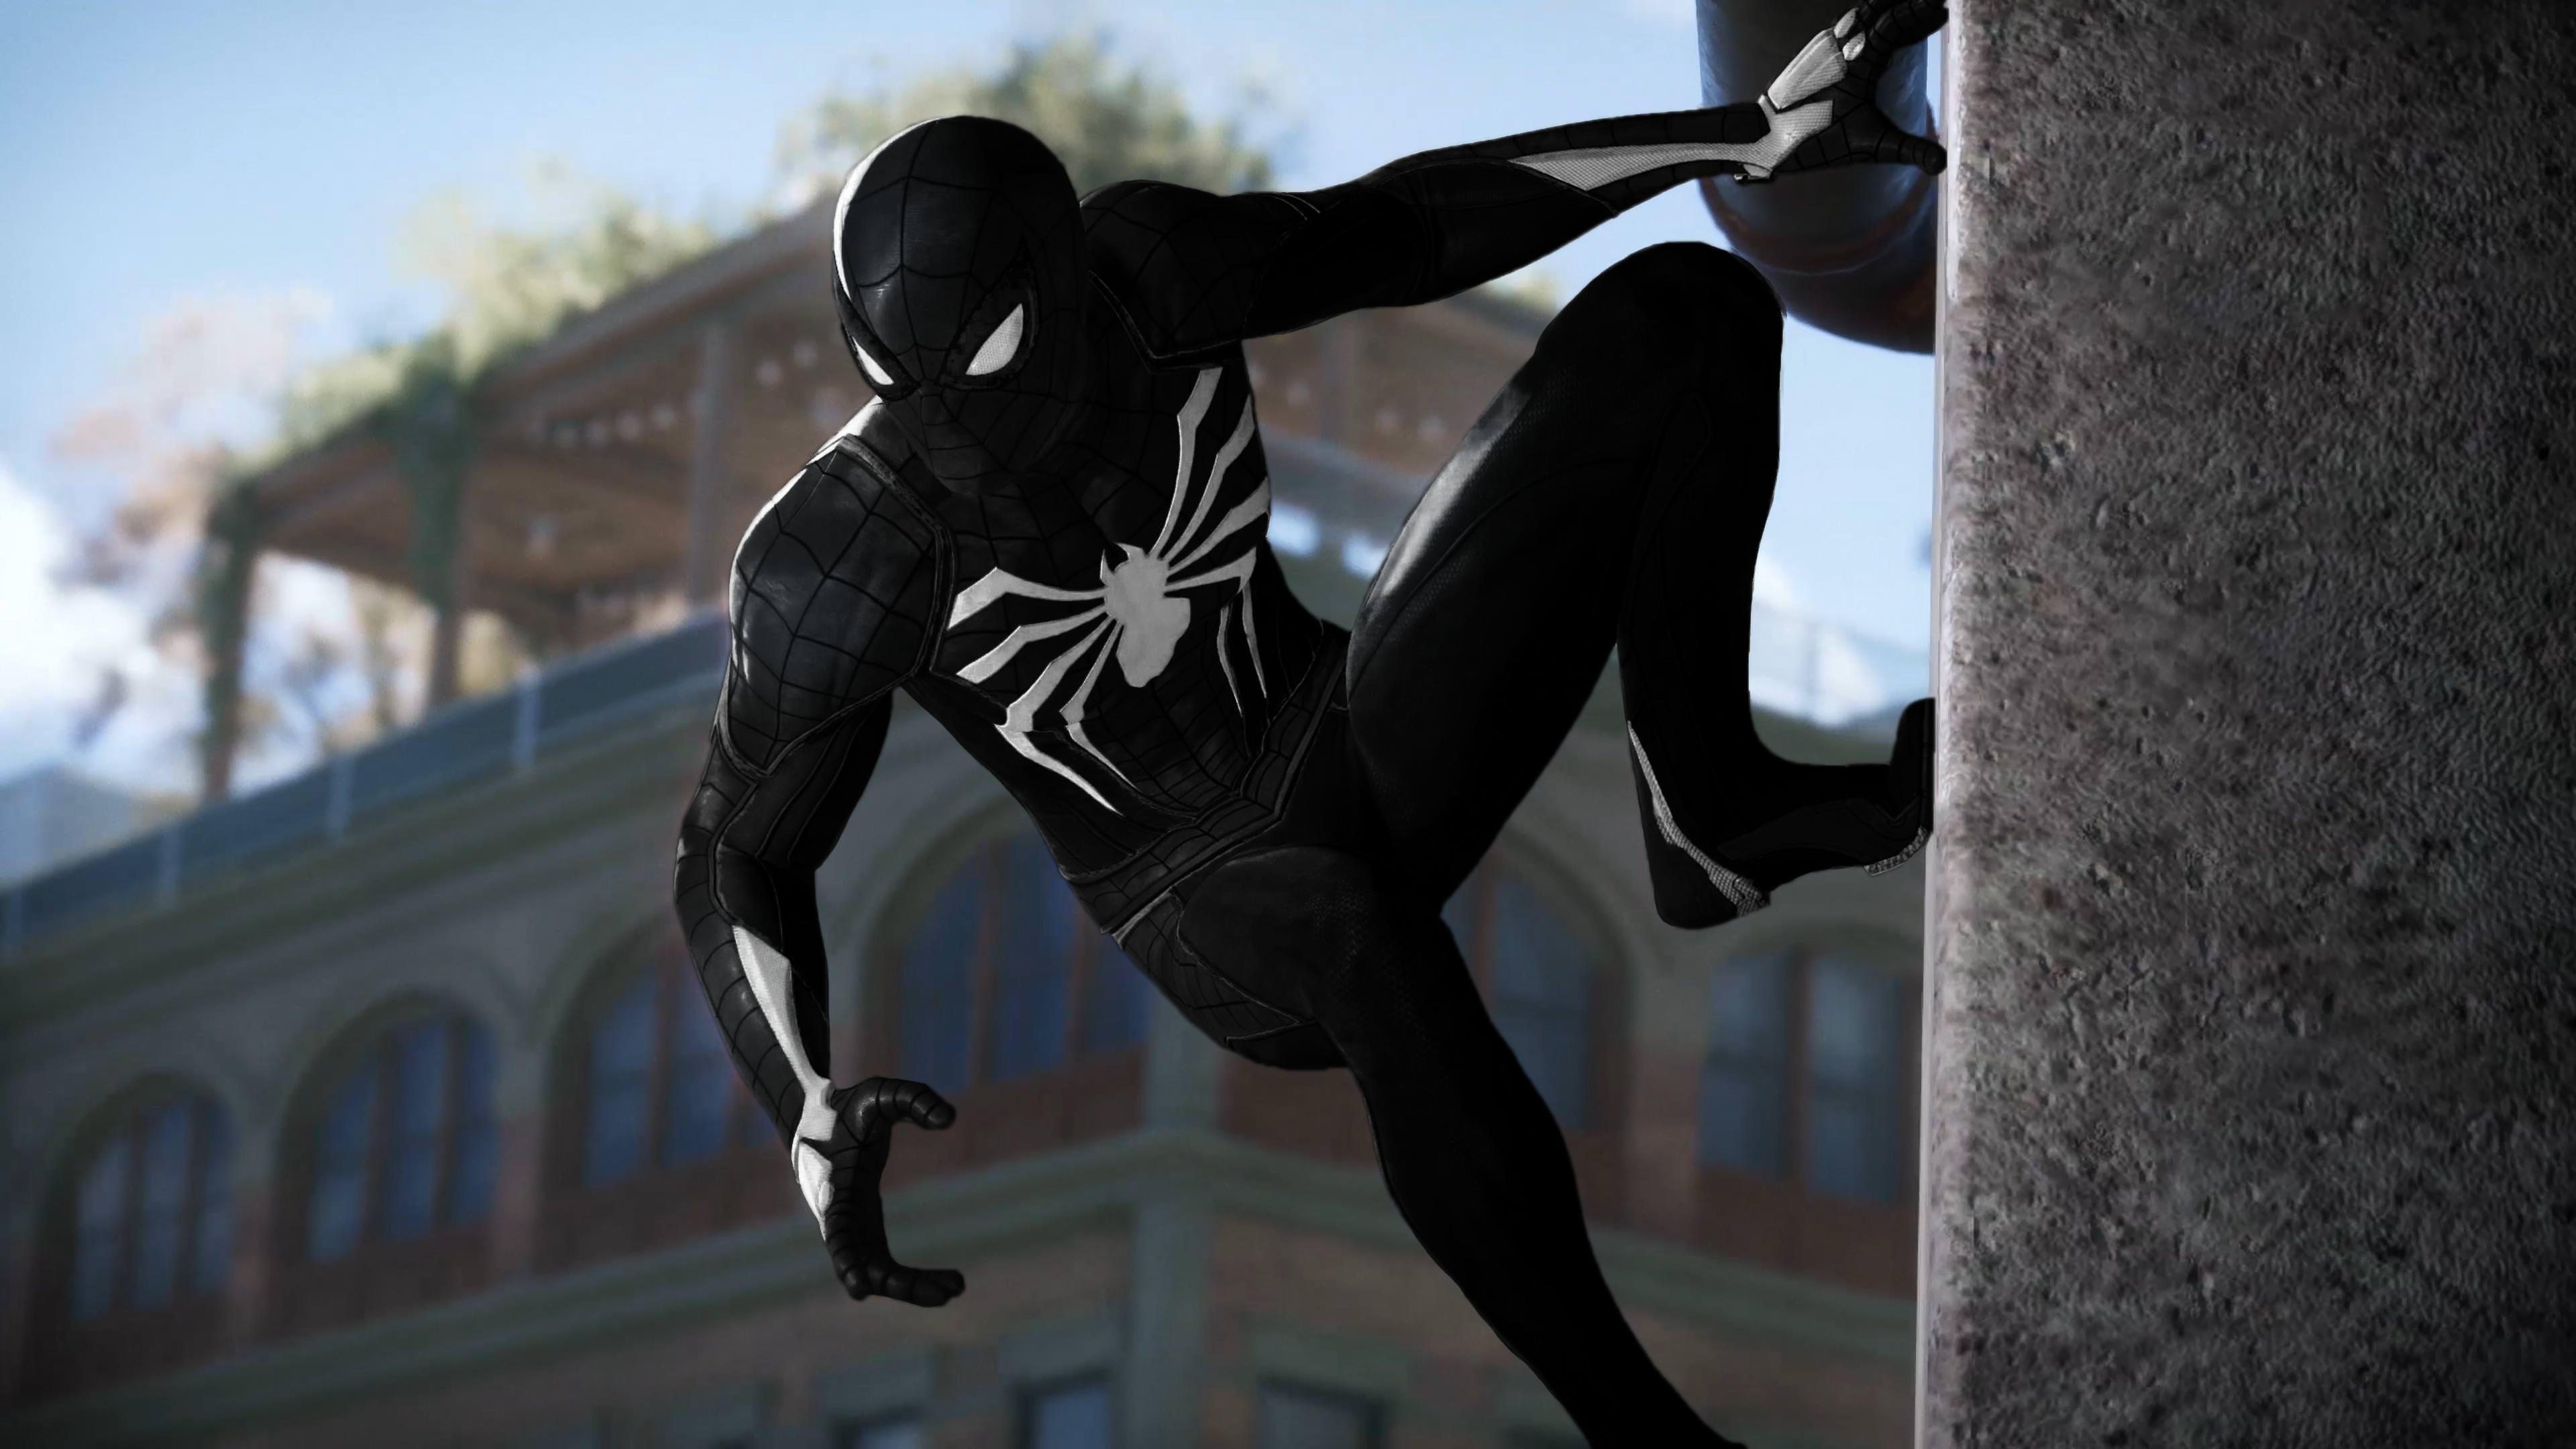 Black Spiderman 4k Hd Superheroes 4k Wallpapers Images